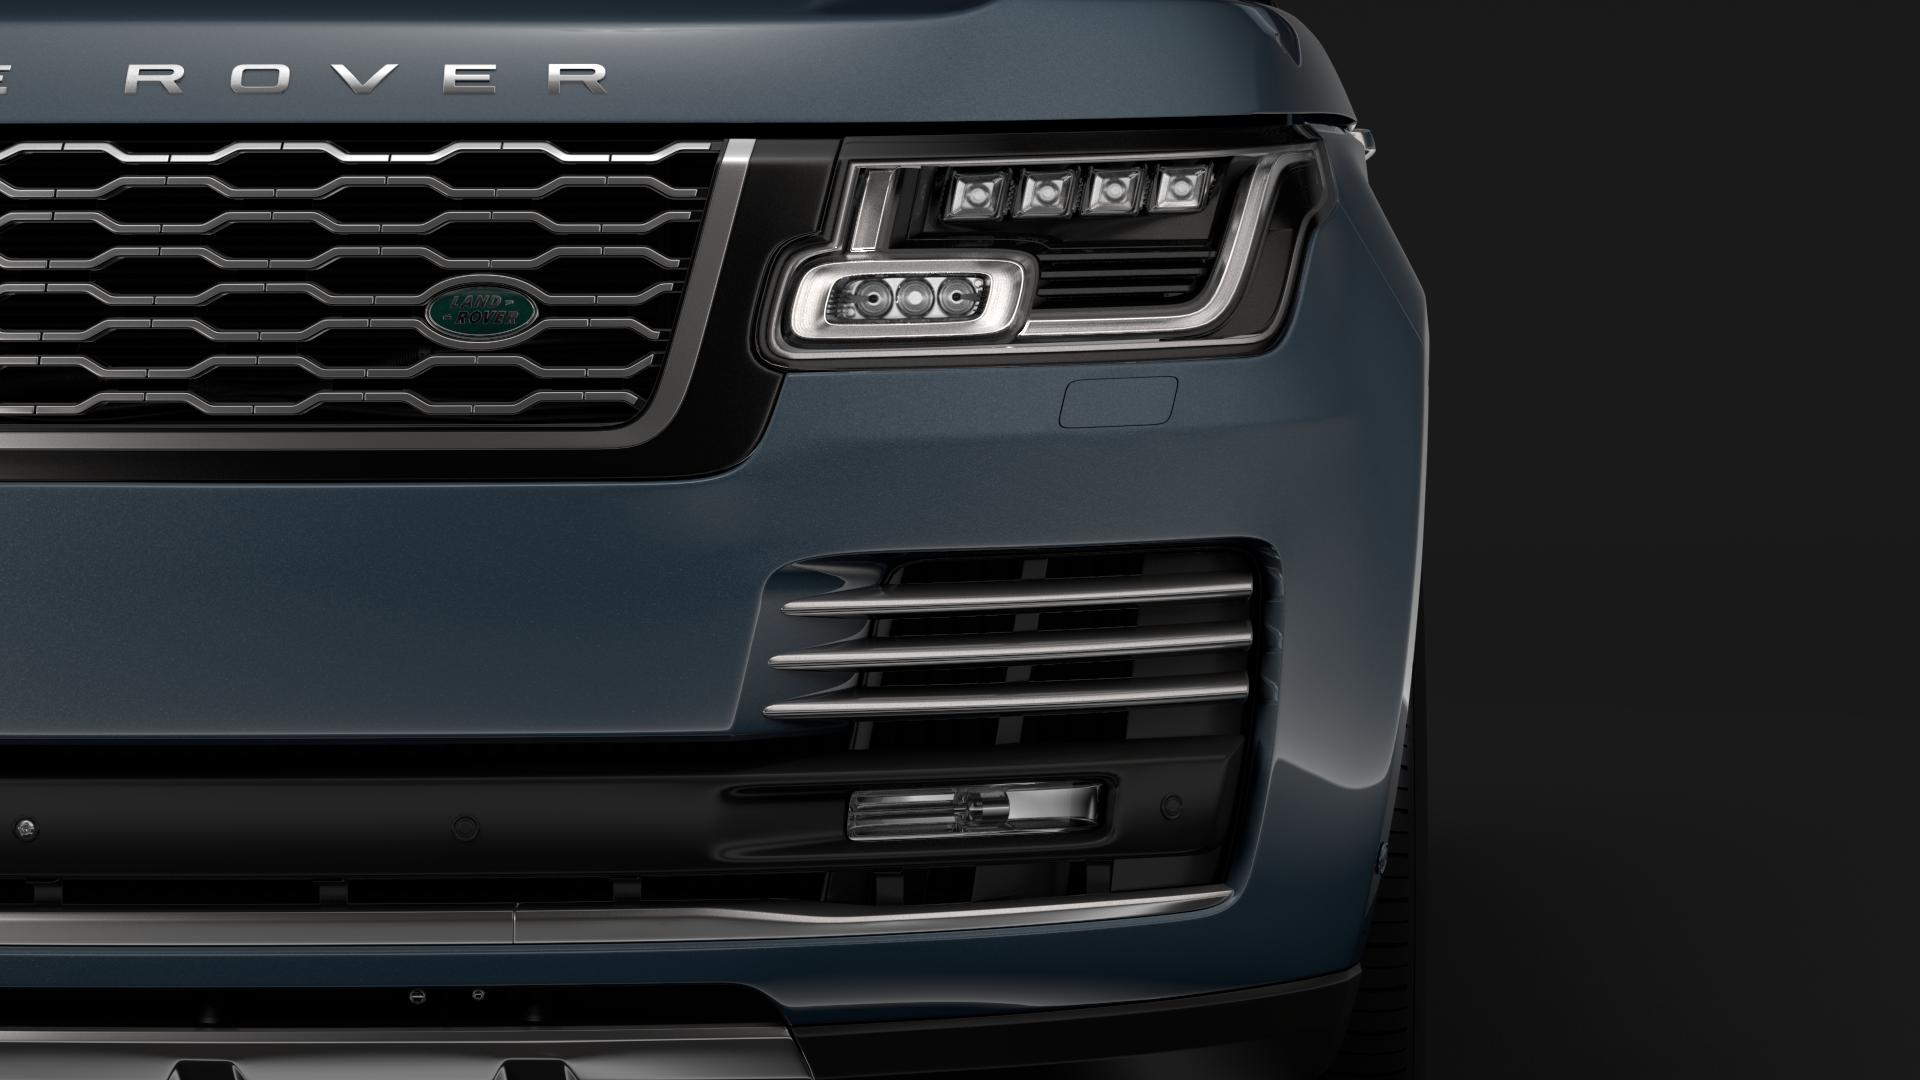 range rover autobiography (l405) 2018 3d model max fbx c4d lwo ma mb hrc xsi obj 278050